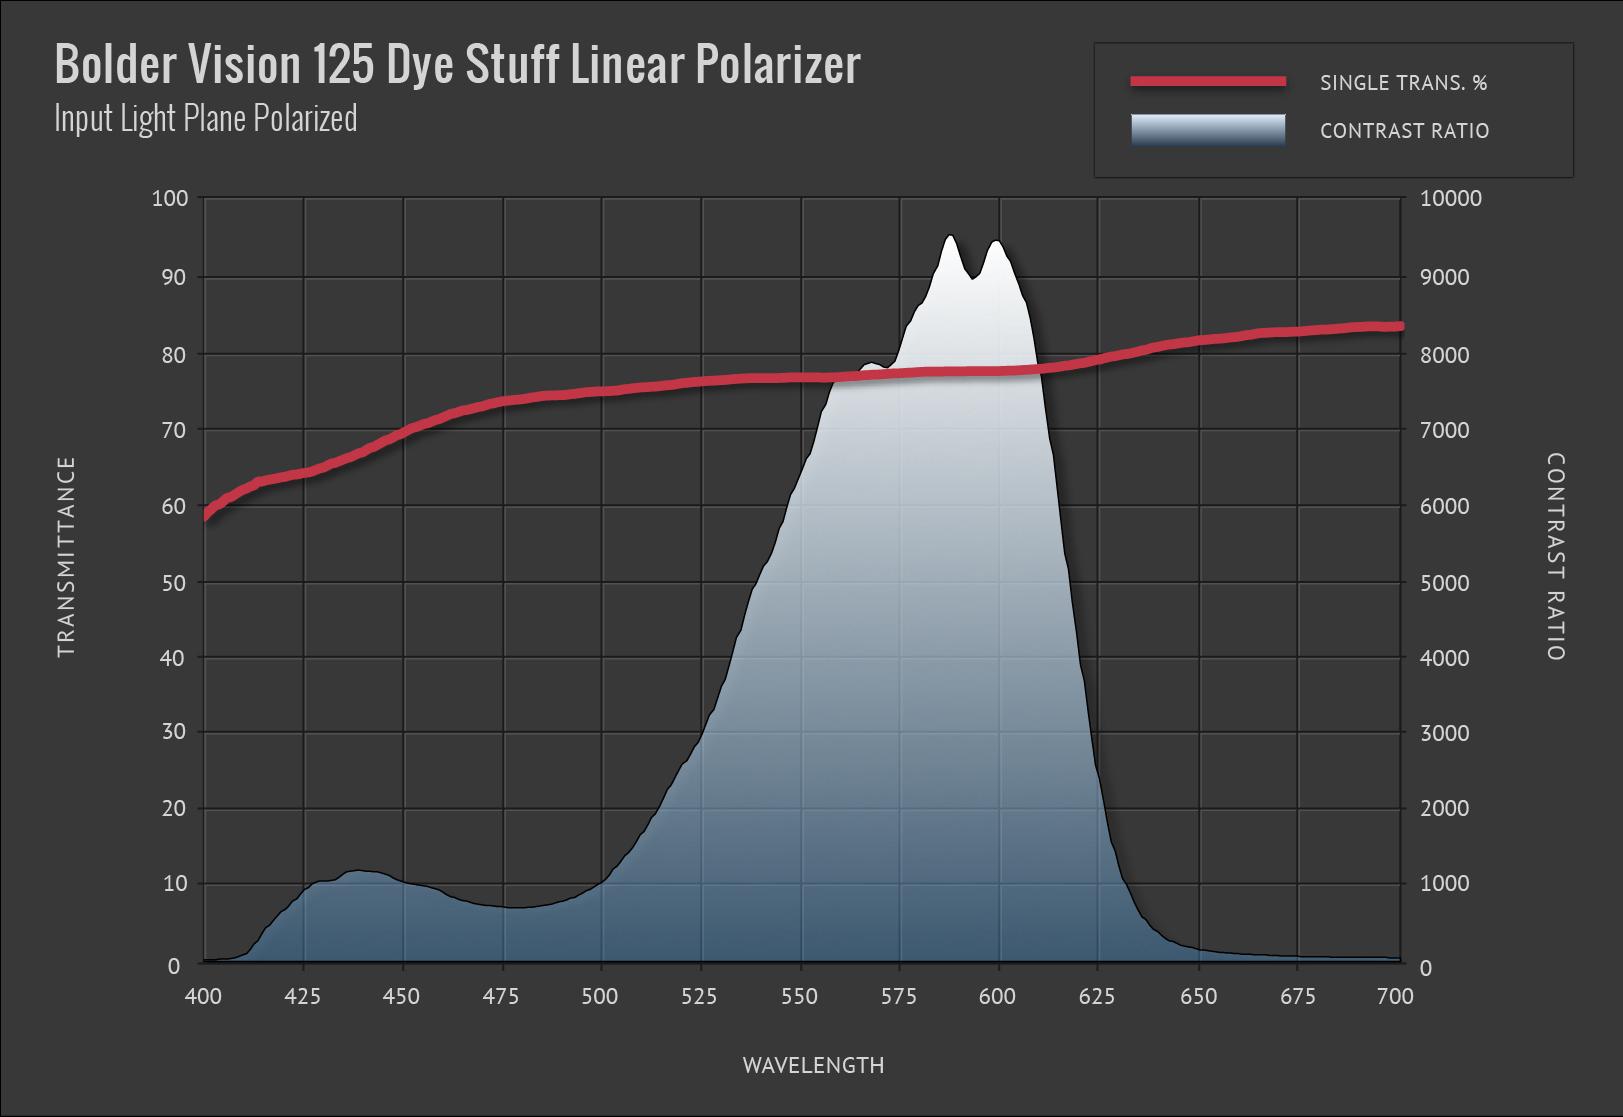 Bolder Vision 125 Dye Stuff Linear Polarizer